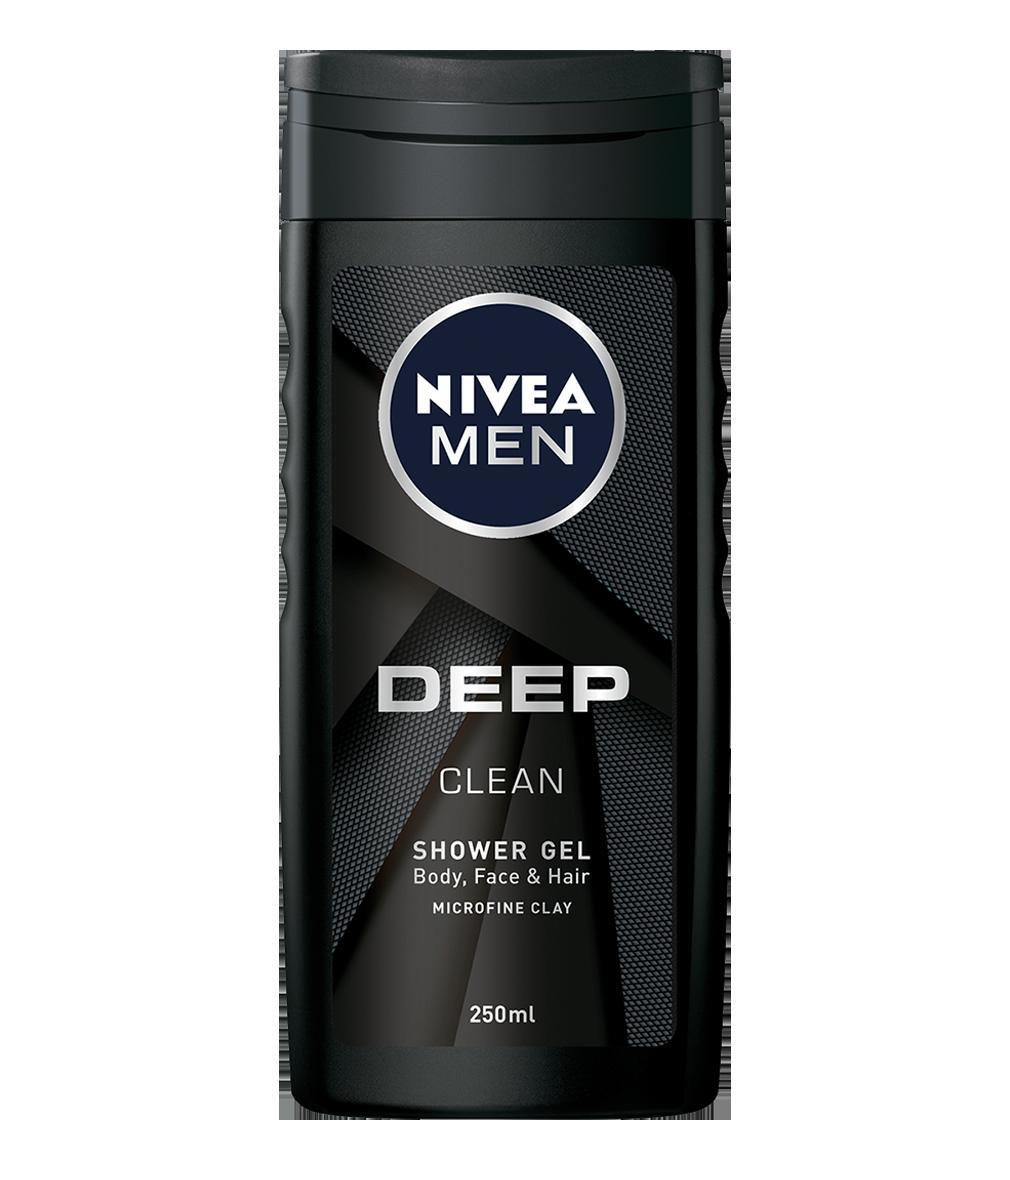 84086 Nivea Men Gel Douche DEEP 250 ml  جل الاستحمام للجسم للرجل والجسم والشعر العميق النظيف